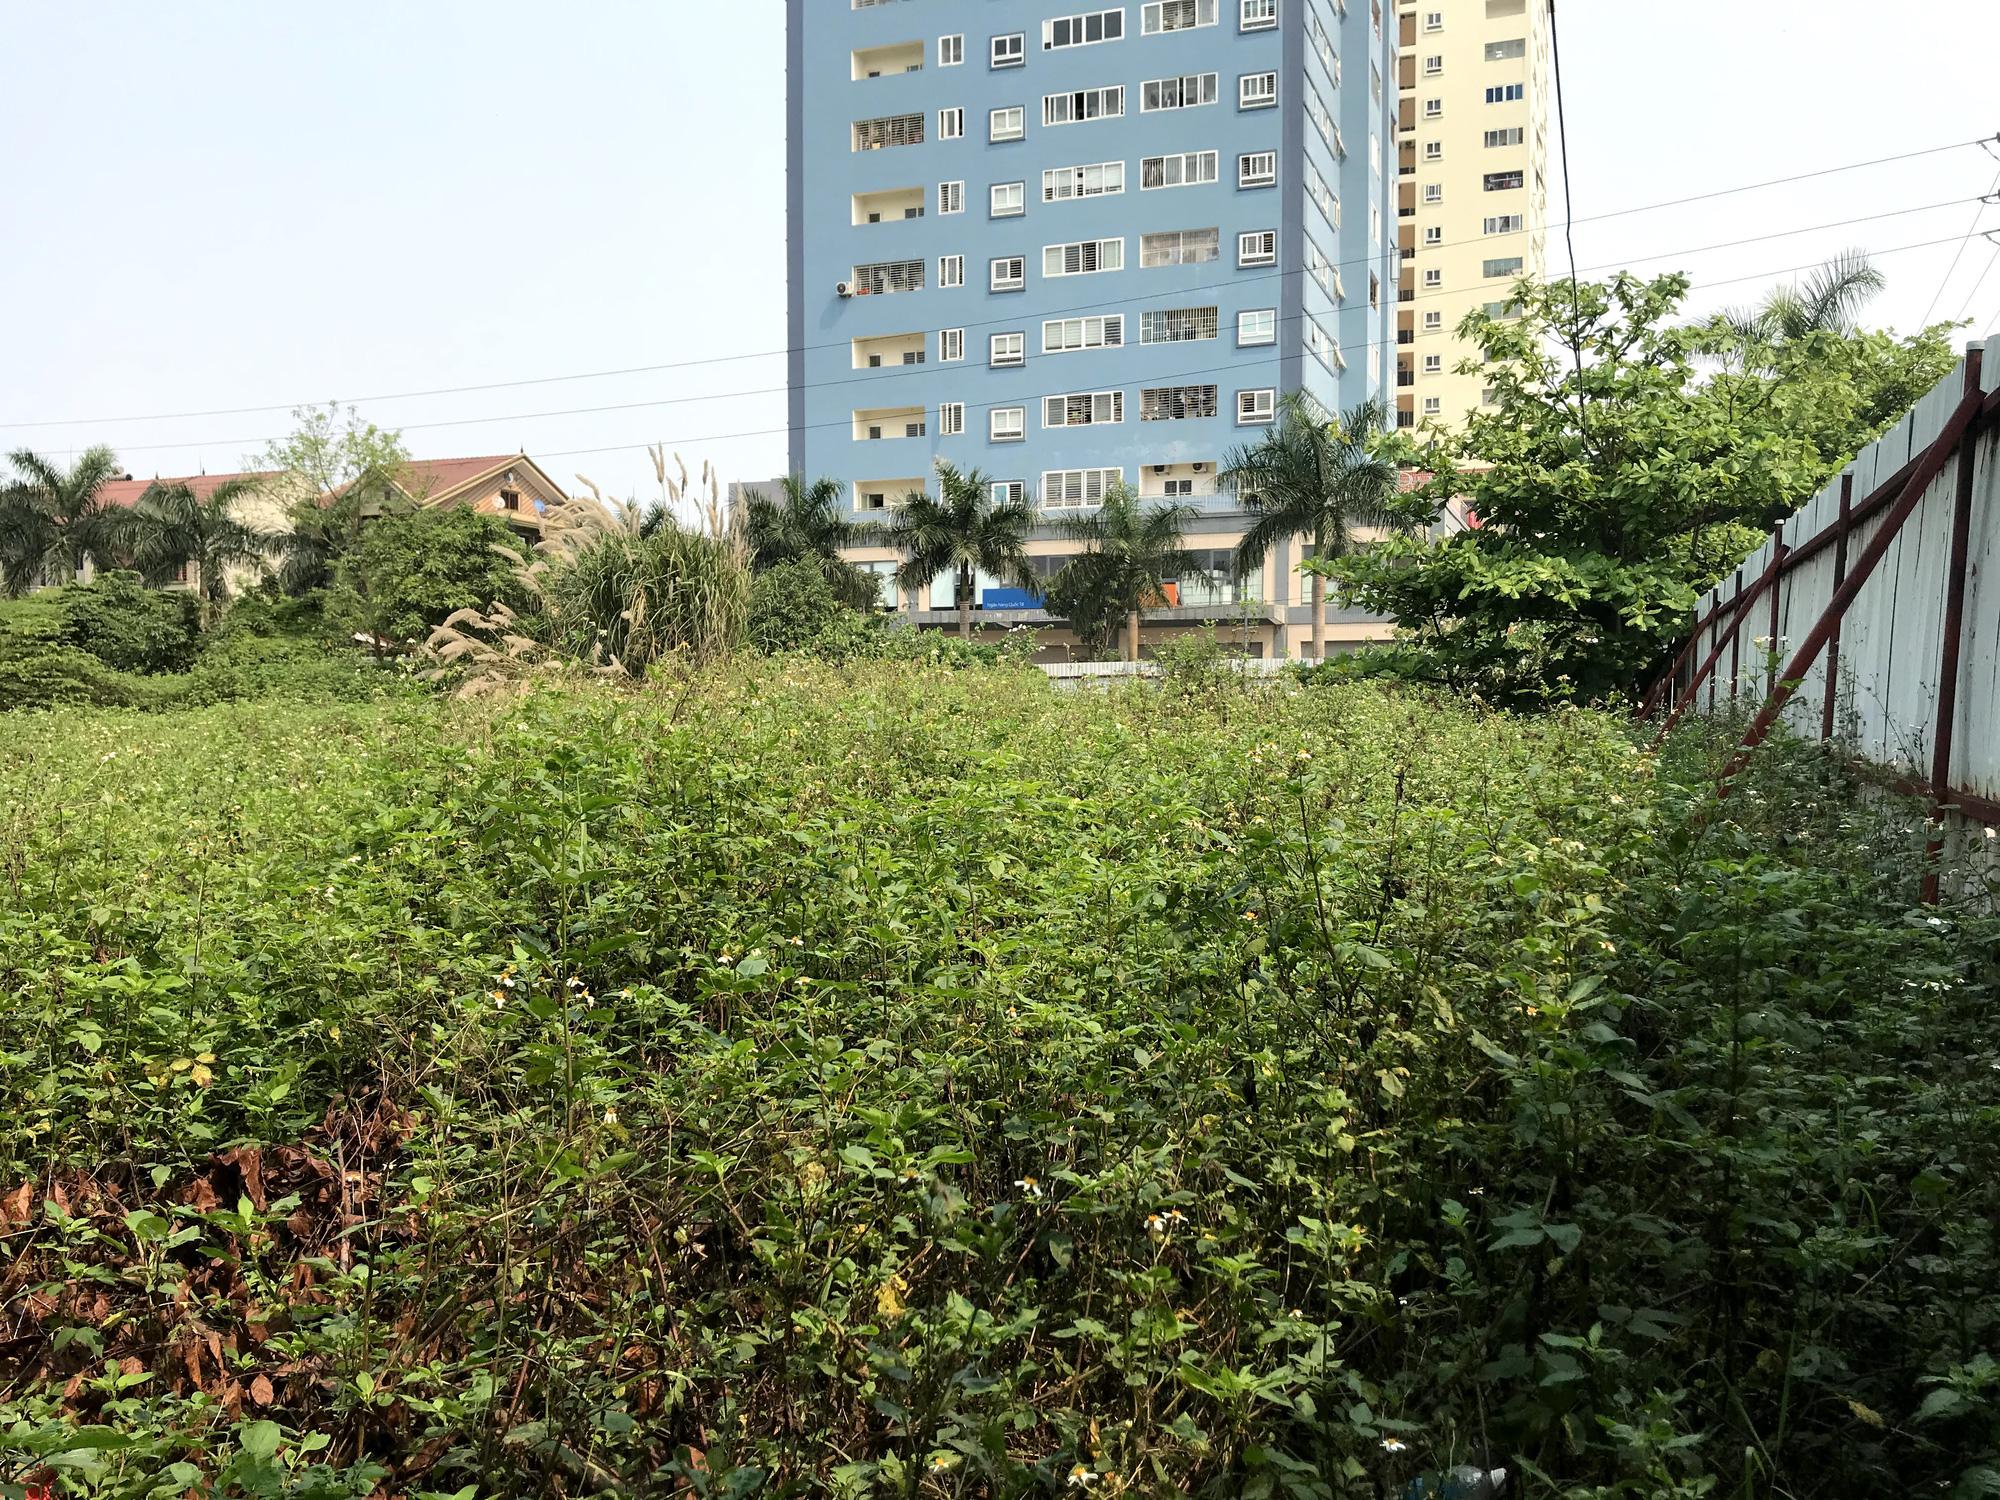 Nghệ An: Đất dự án hơn 1,1 ha ở TP Vinh bị bỏ hoang suốt 13 năm - Ảnh 12.